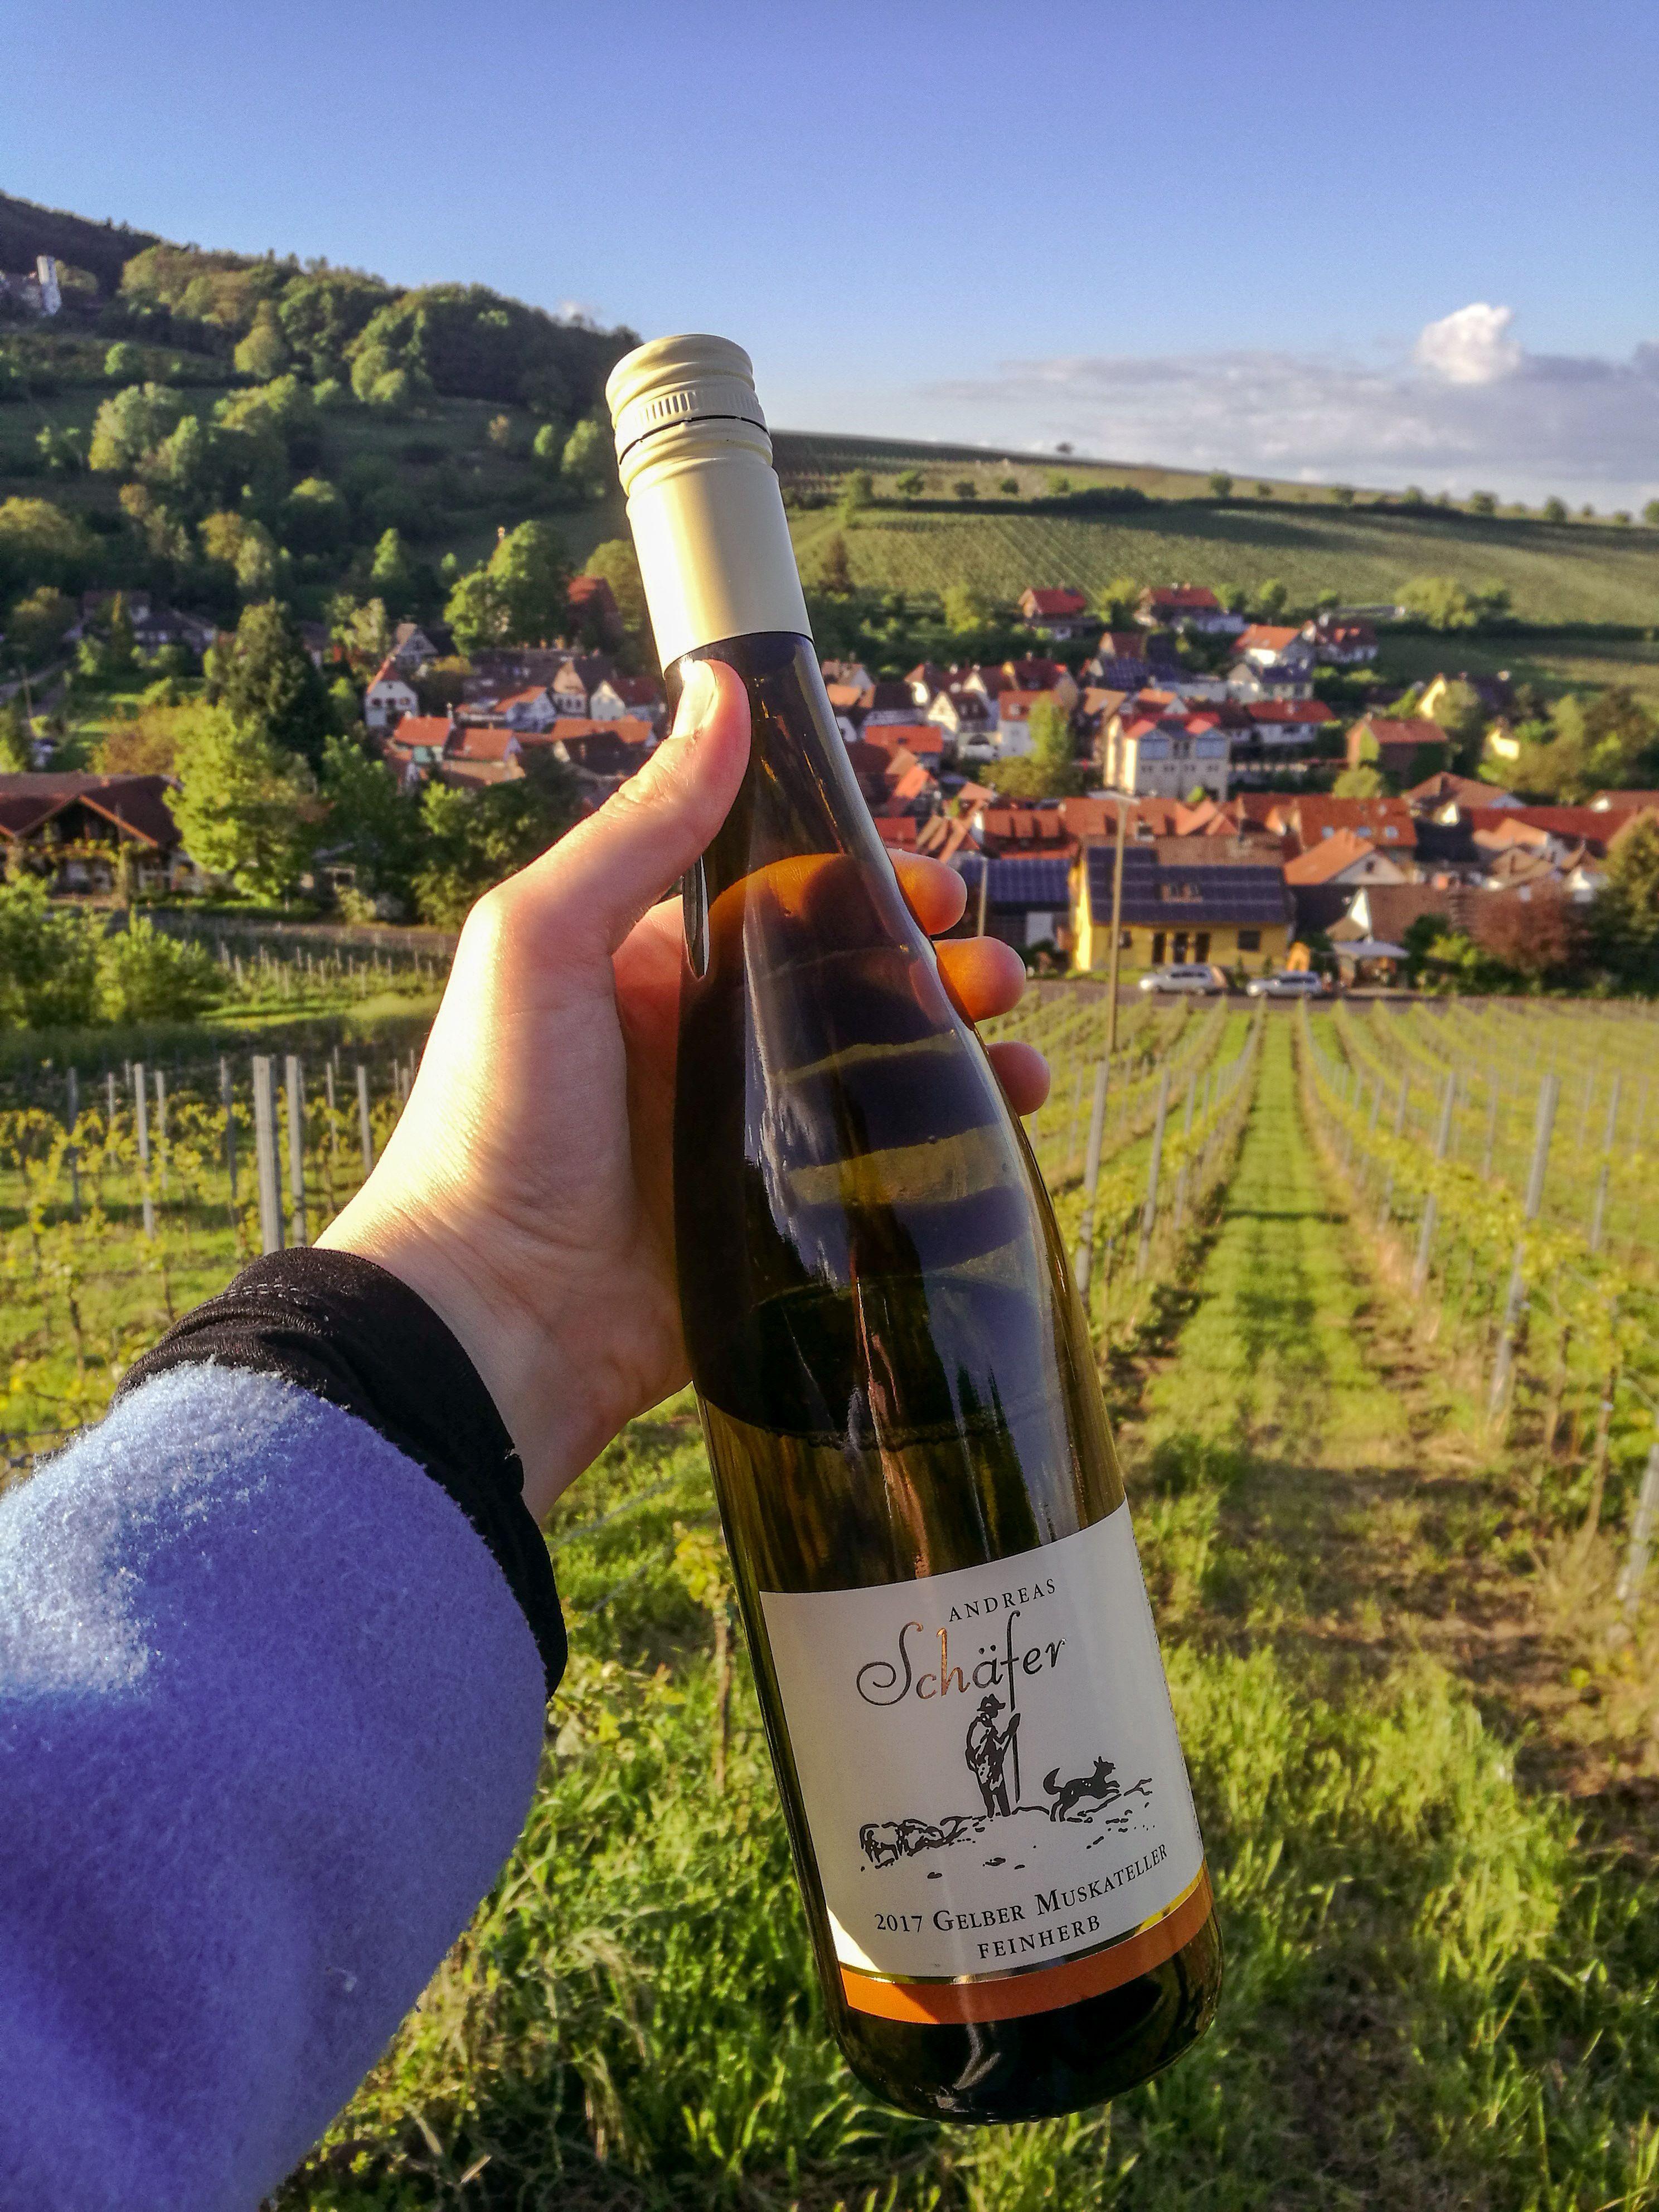 Landau In Der Pfalz Die Schonsten Sehenswurdigkeiten Und Reisetipps Fur Deinen Urlaub Reisen Ausflug Urlaub